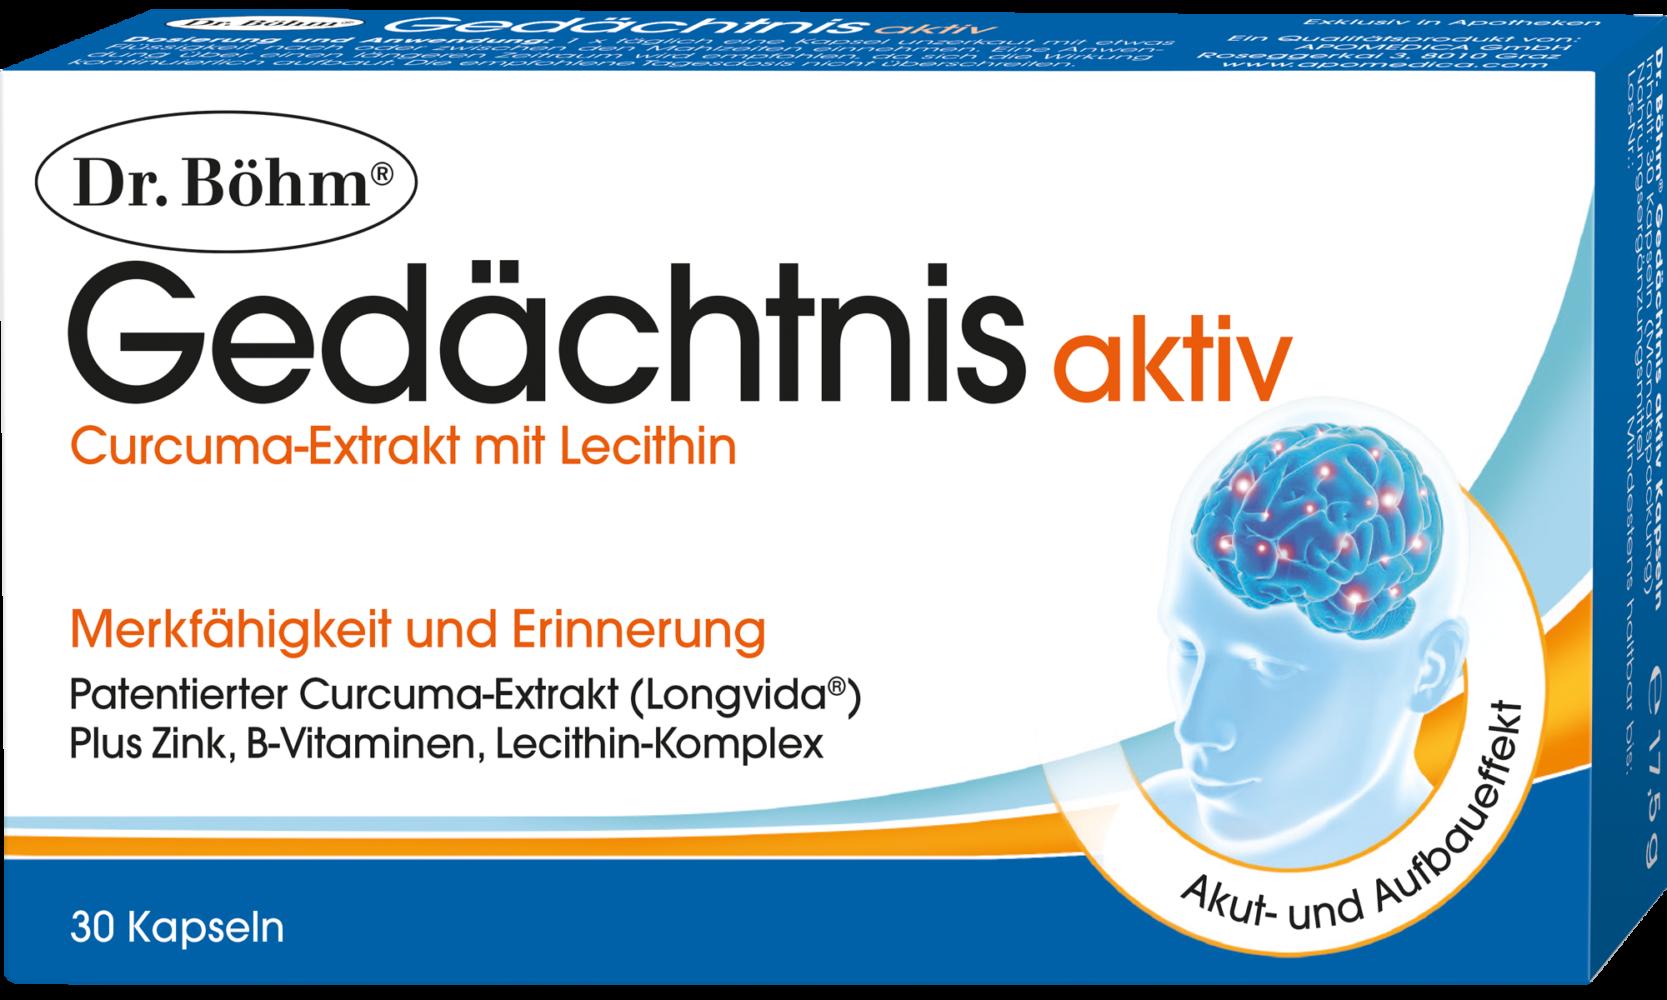 Dr. Böhm® Gedächtnis aktiv Kapseln